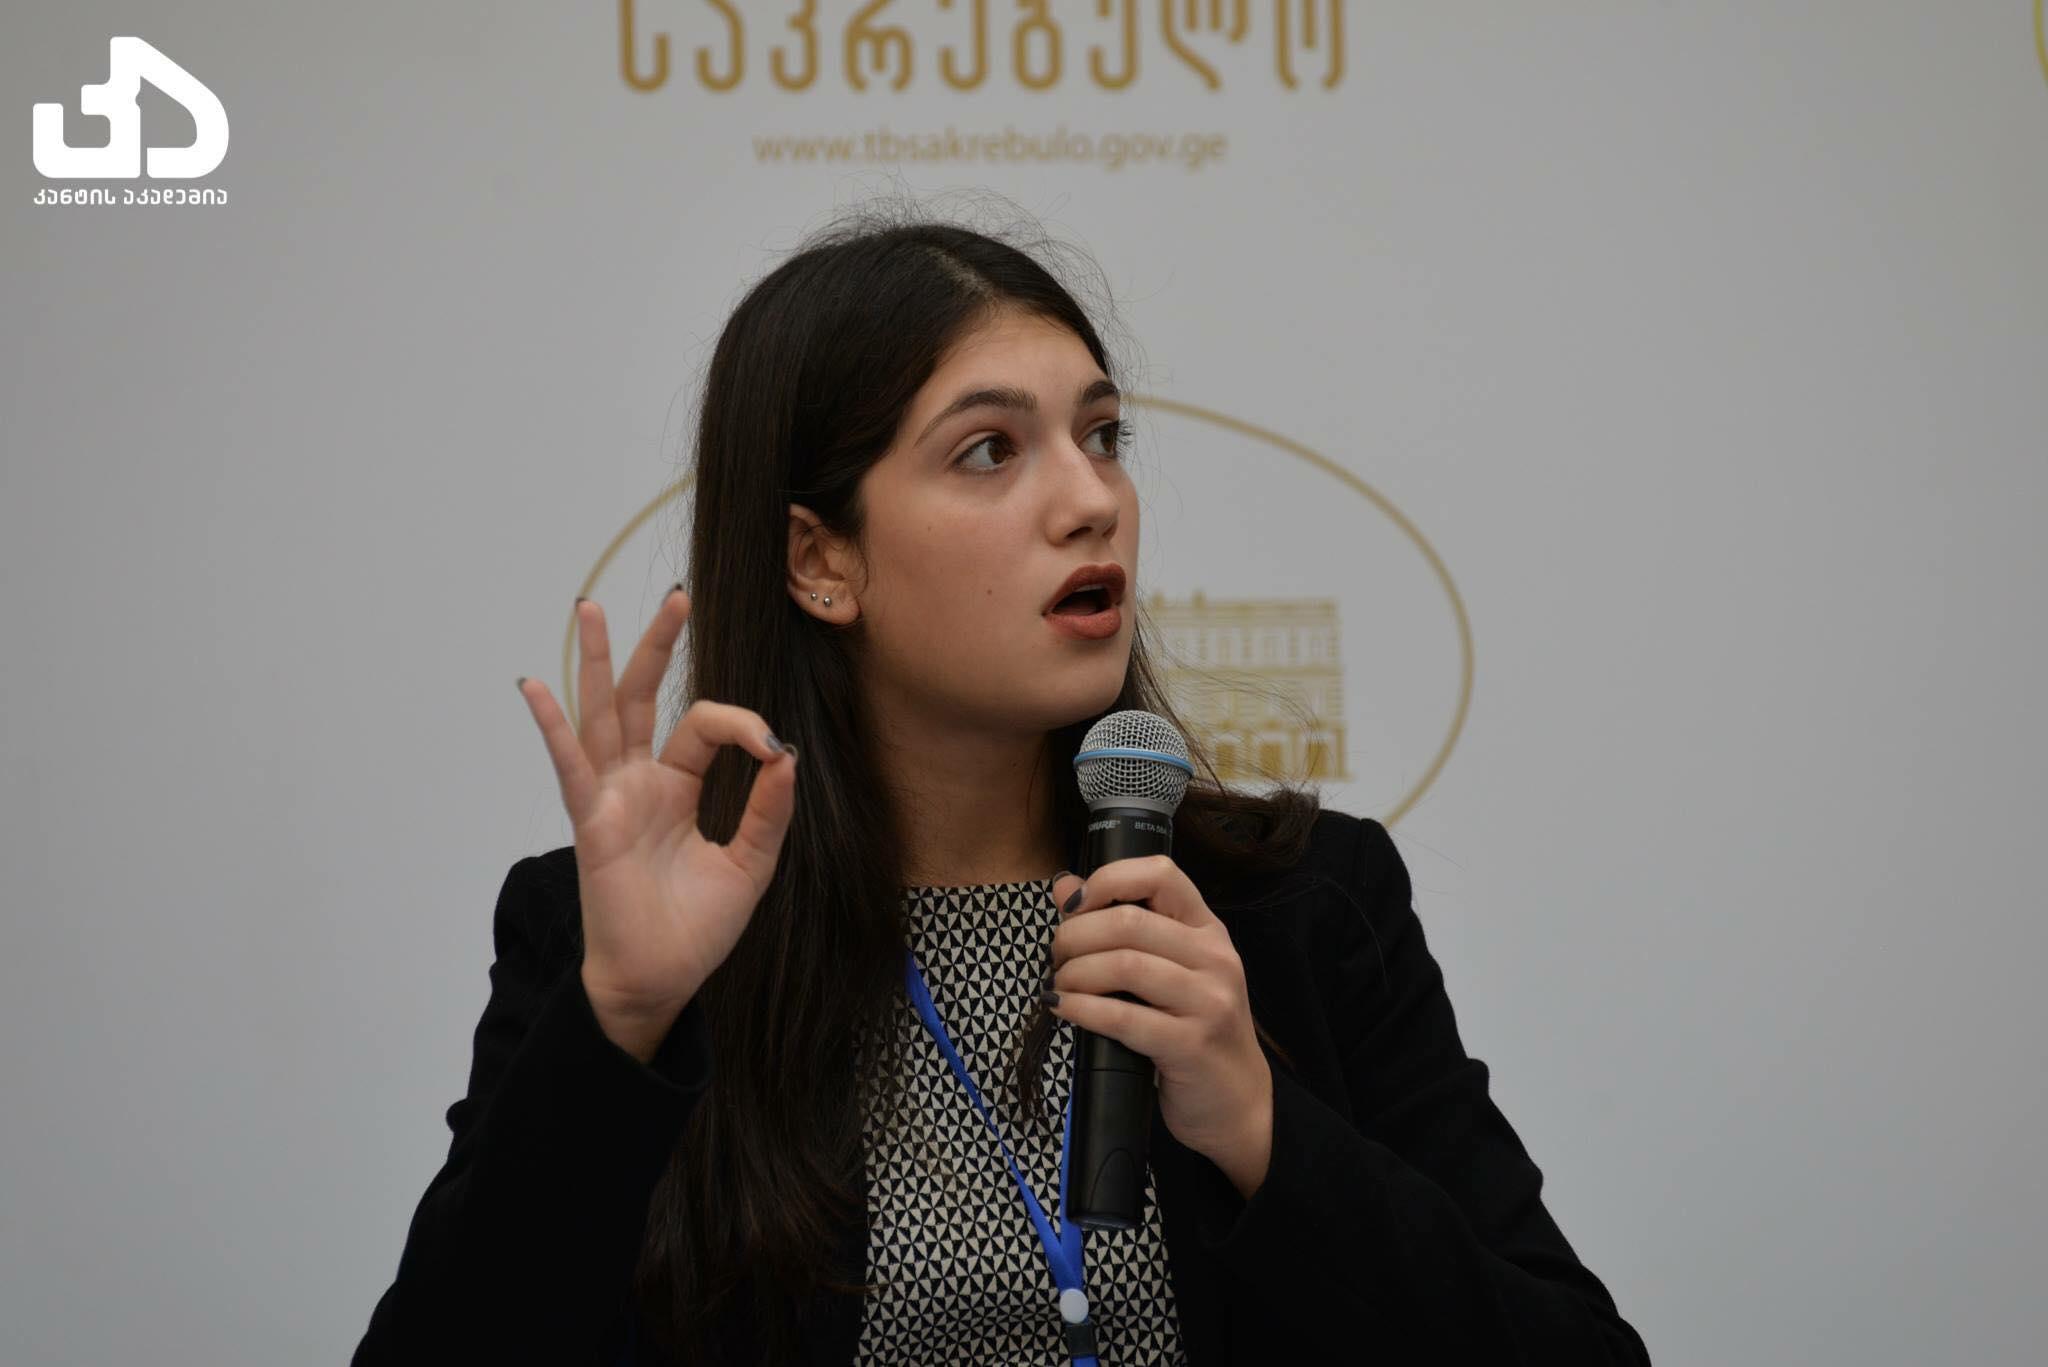 გაეროს მოდელირების საერთაშორისო კონფერენცია